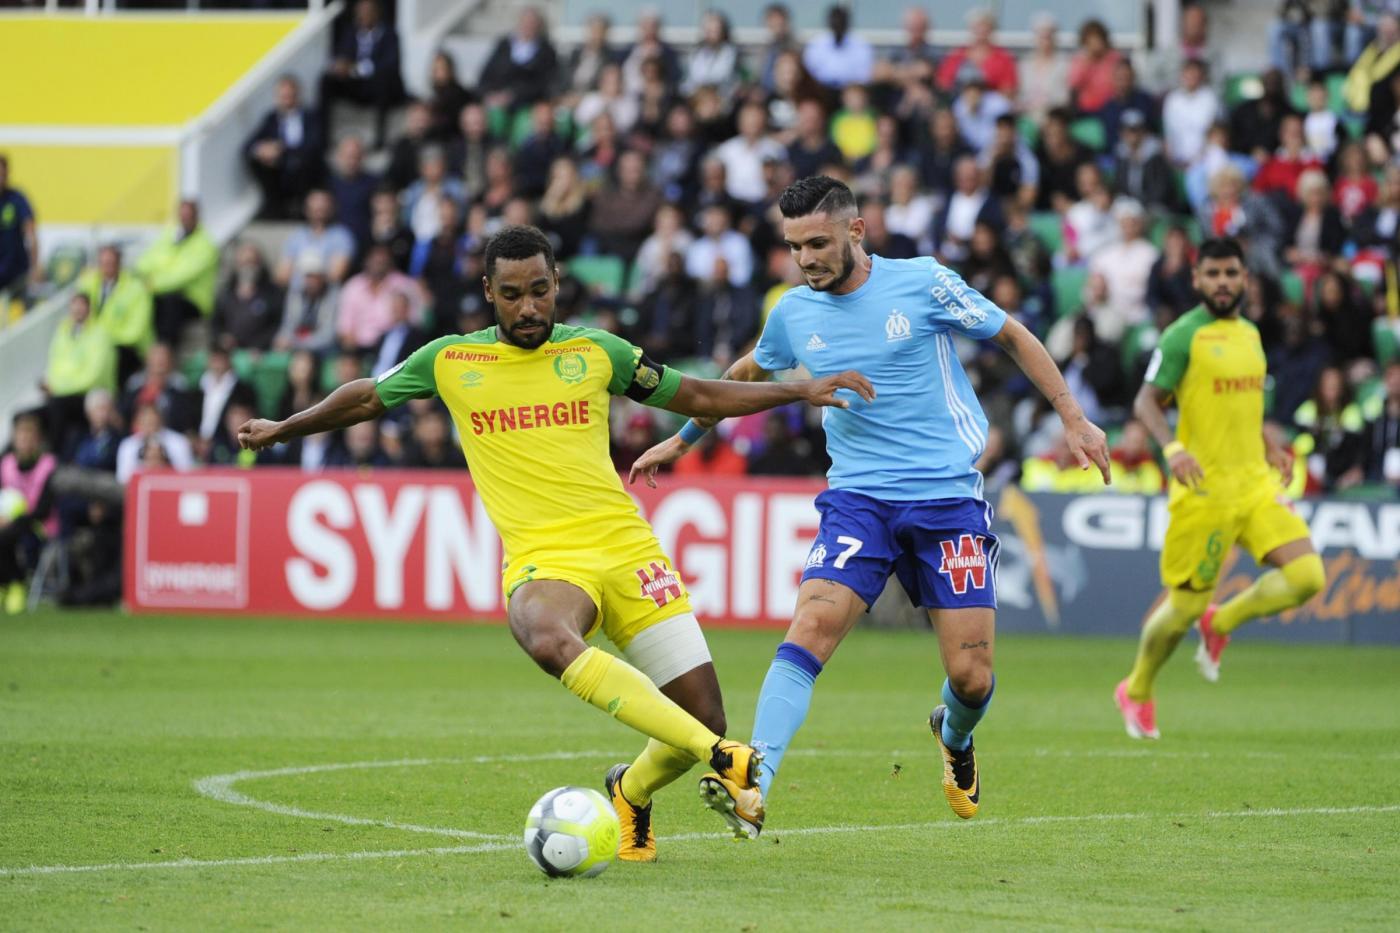 Strasburgo-Caen 9 dicembre: match della 17 esima giornata del campionato francese. I padroni di casa sono favoriti per i 3 punti.